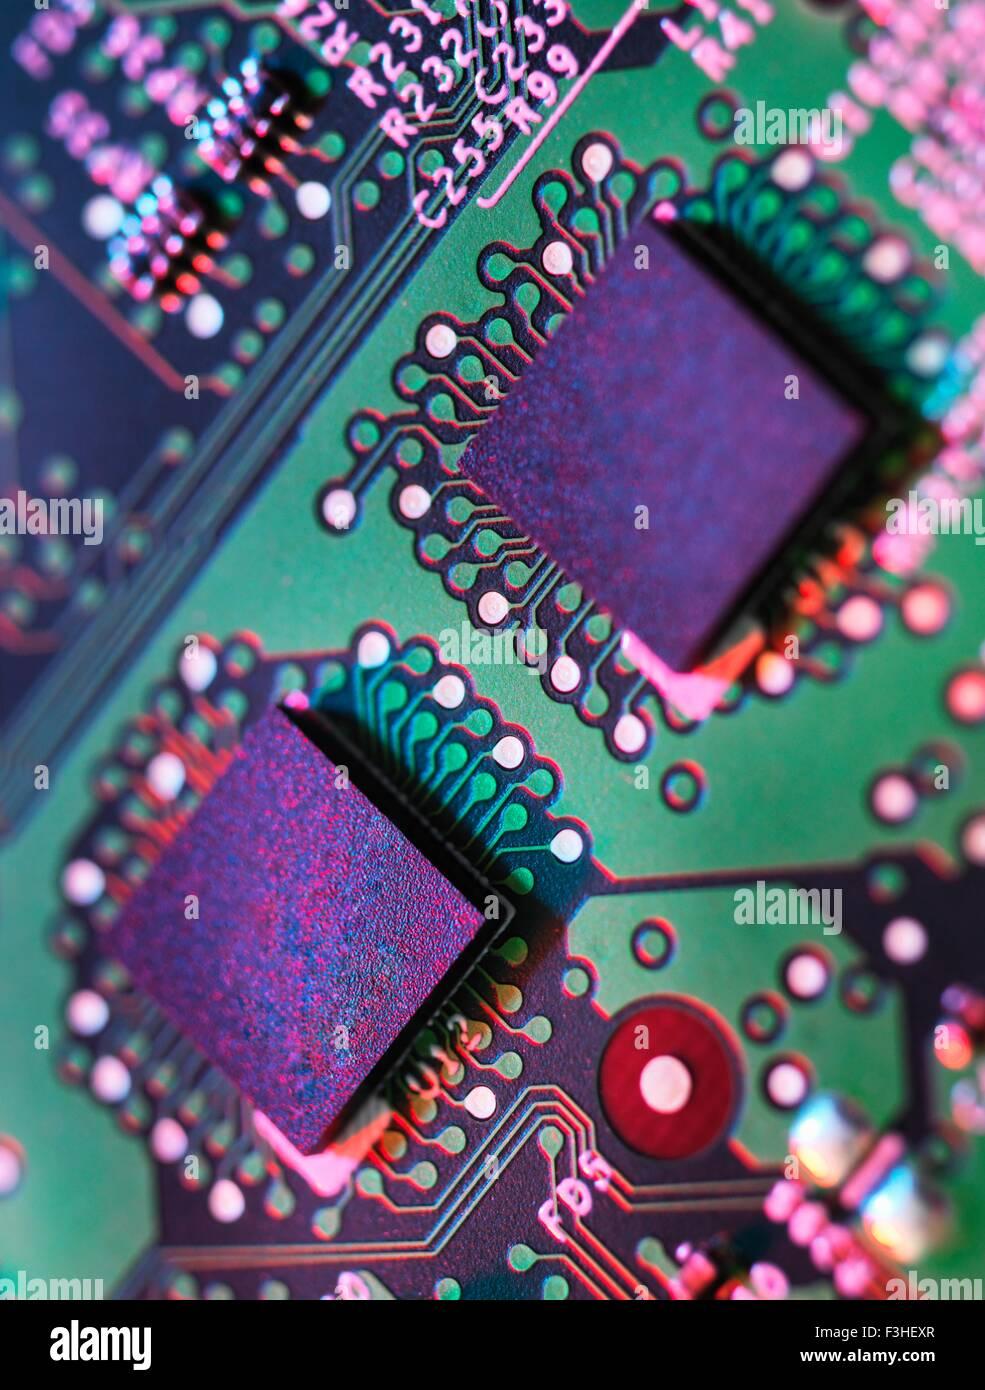 Nahaufnahme Detail der grünen und violetten Computer-Platine Stockbild